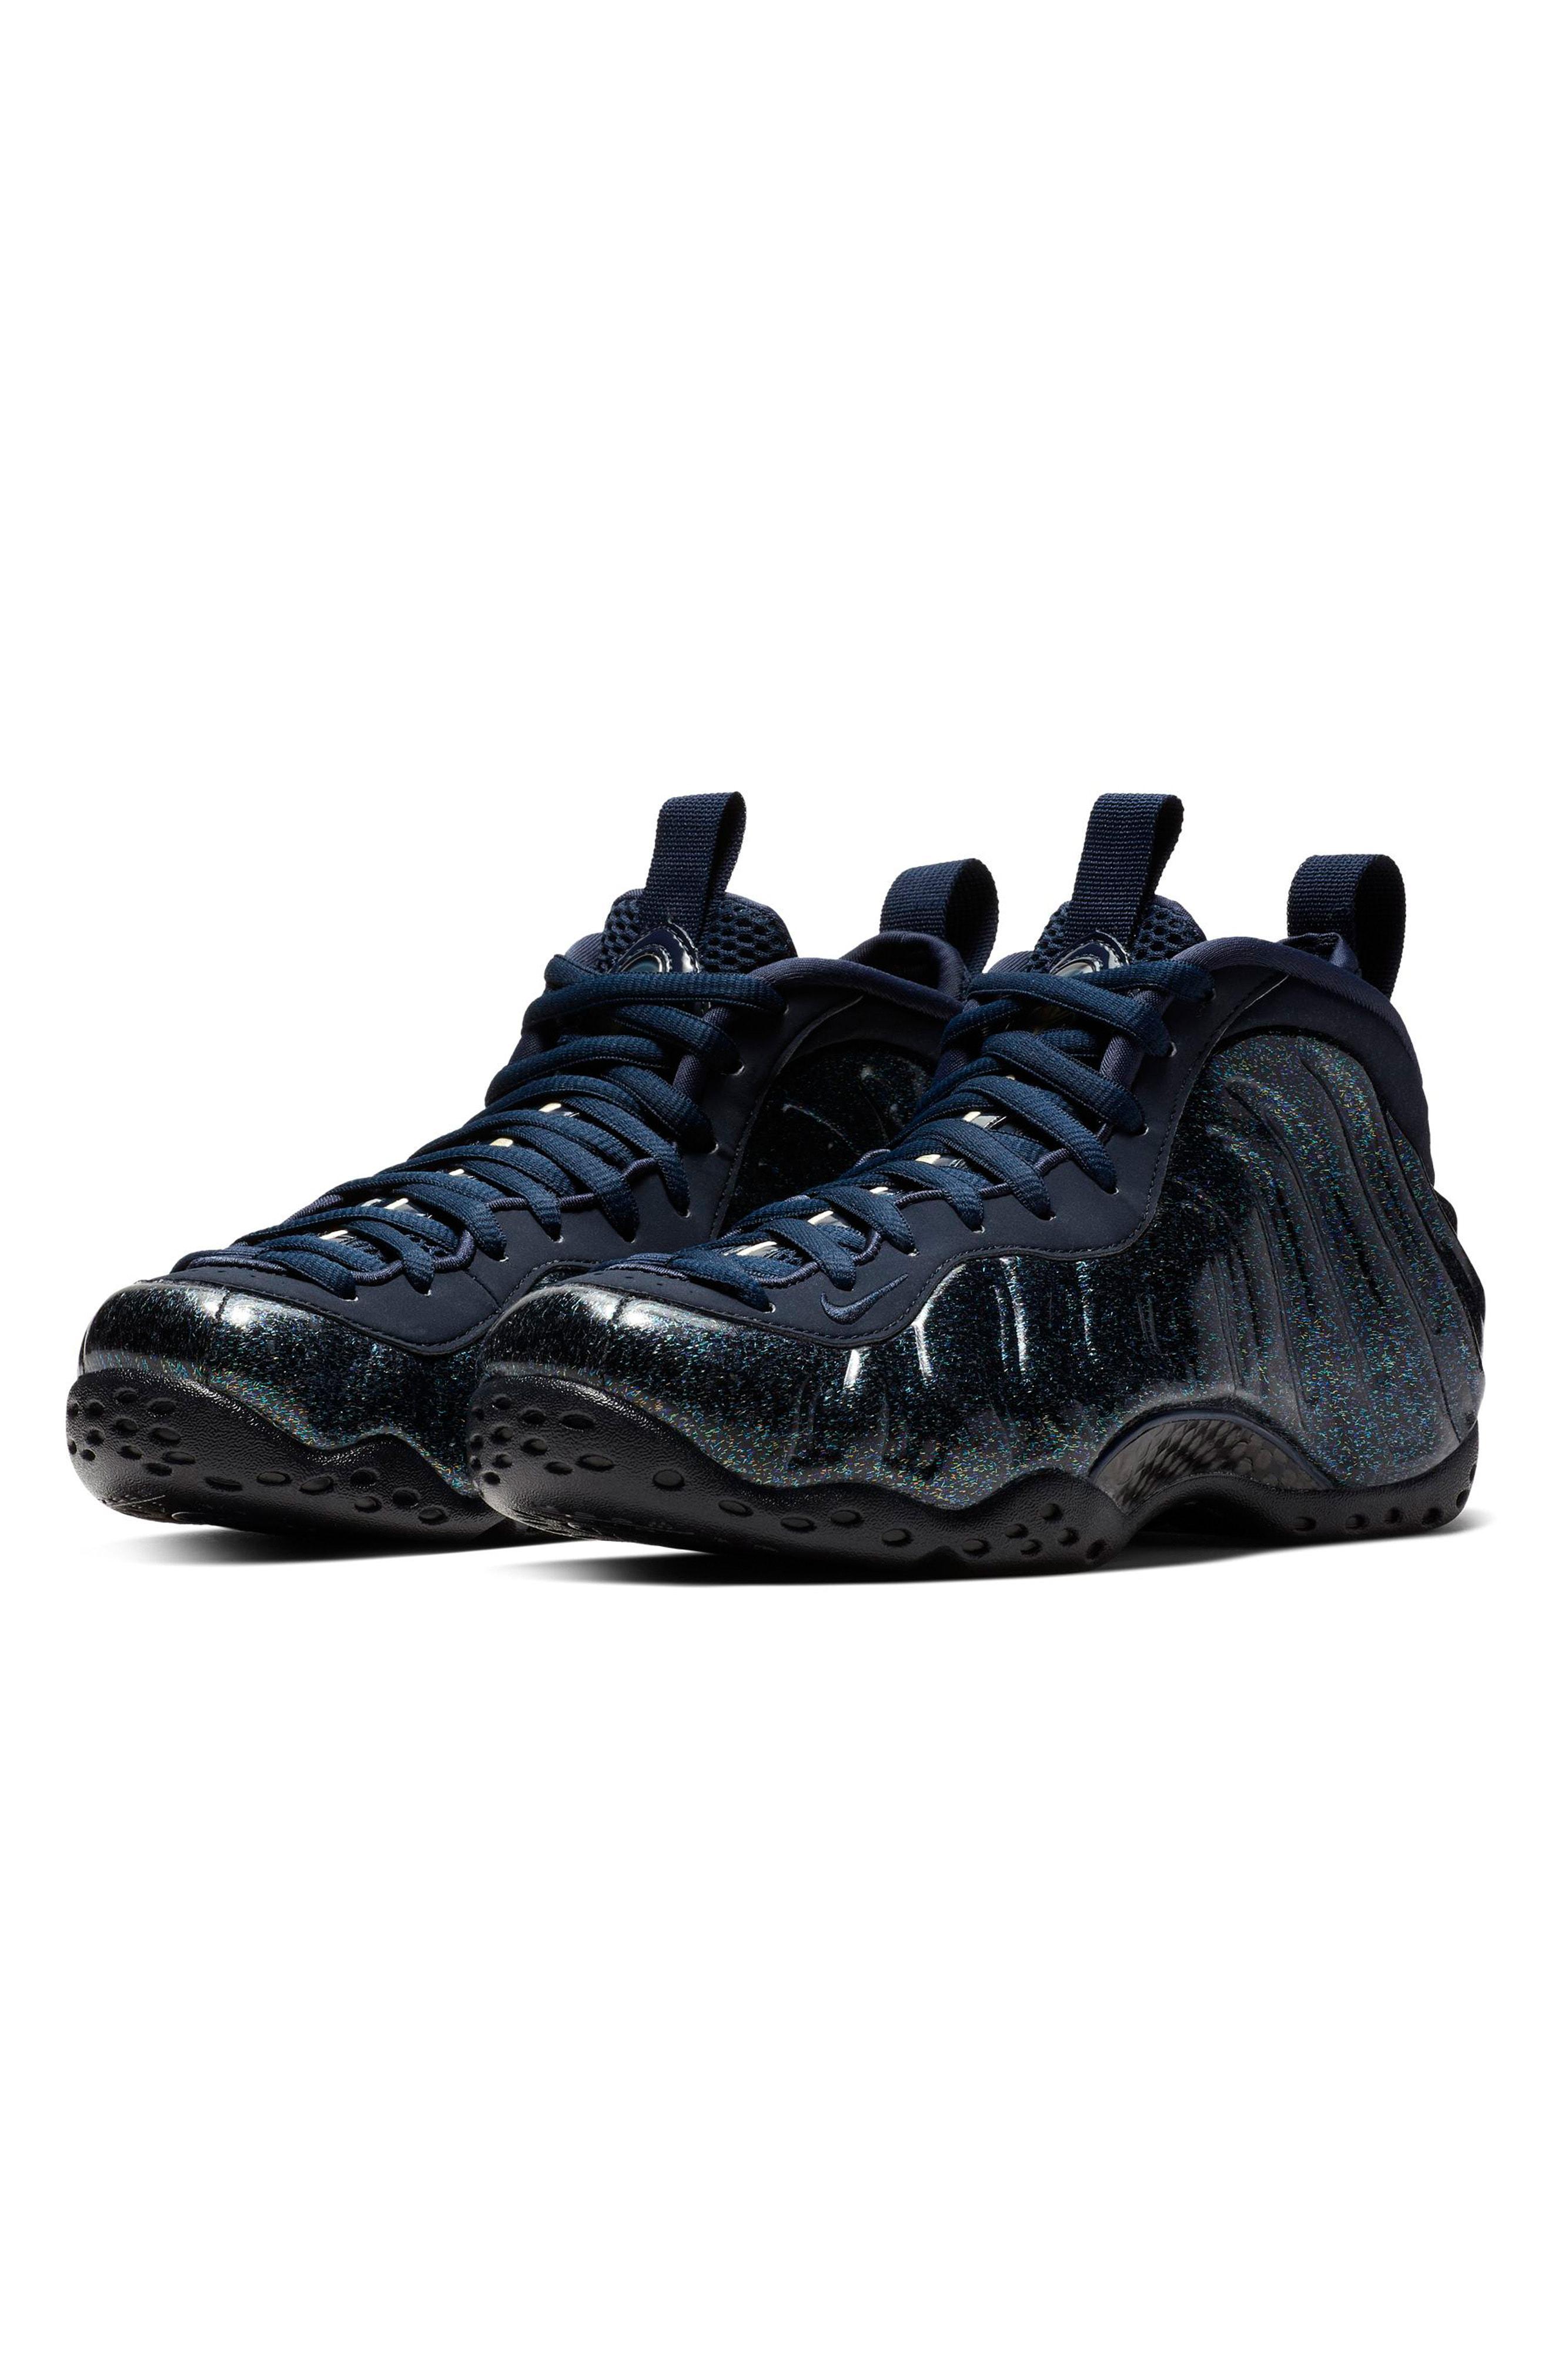 hot sale online ecc3f 87fd9 Nike. Women s Blue Air Foamposite One Sneaker